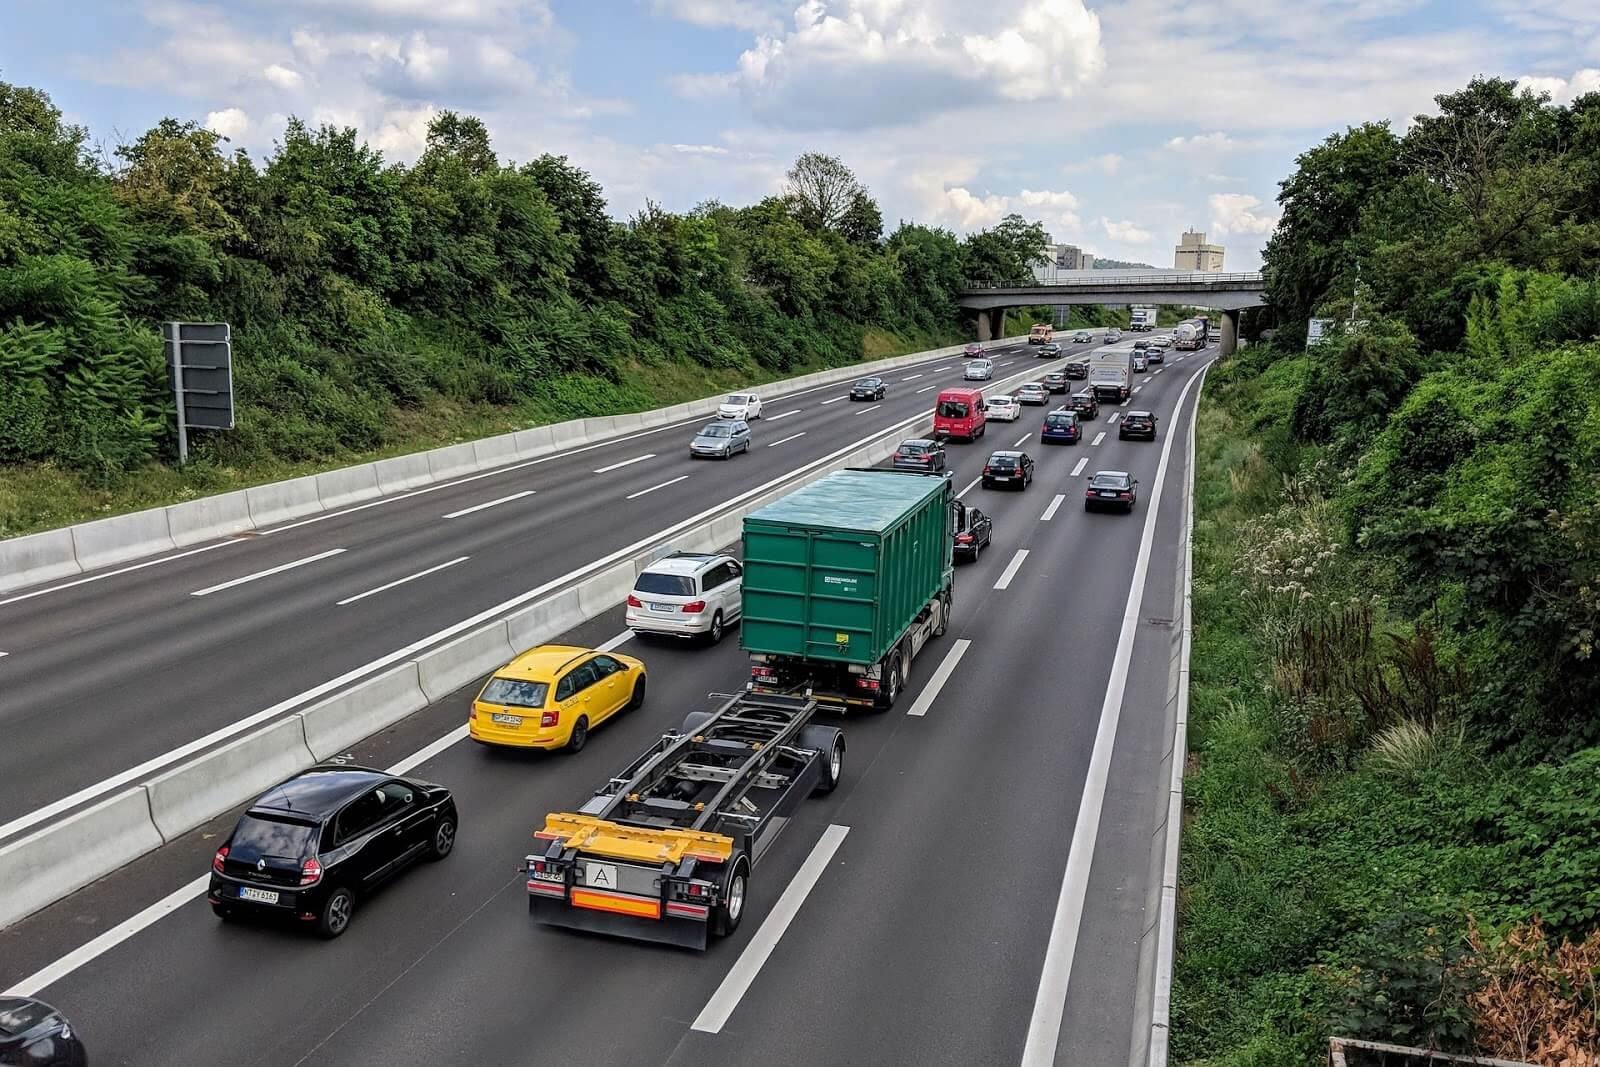 Imagem uma rodovia com vários automóveis